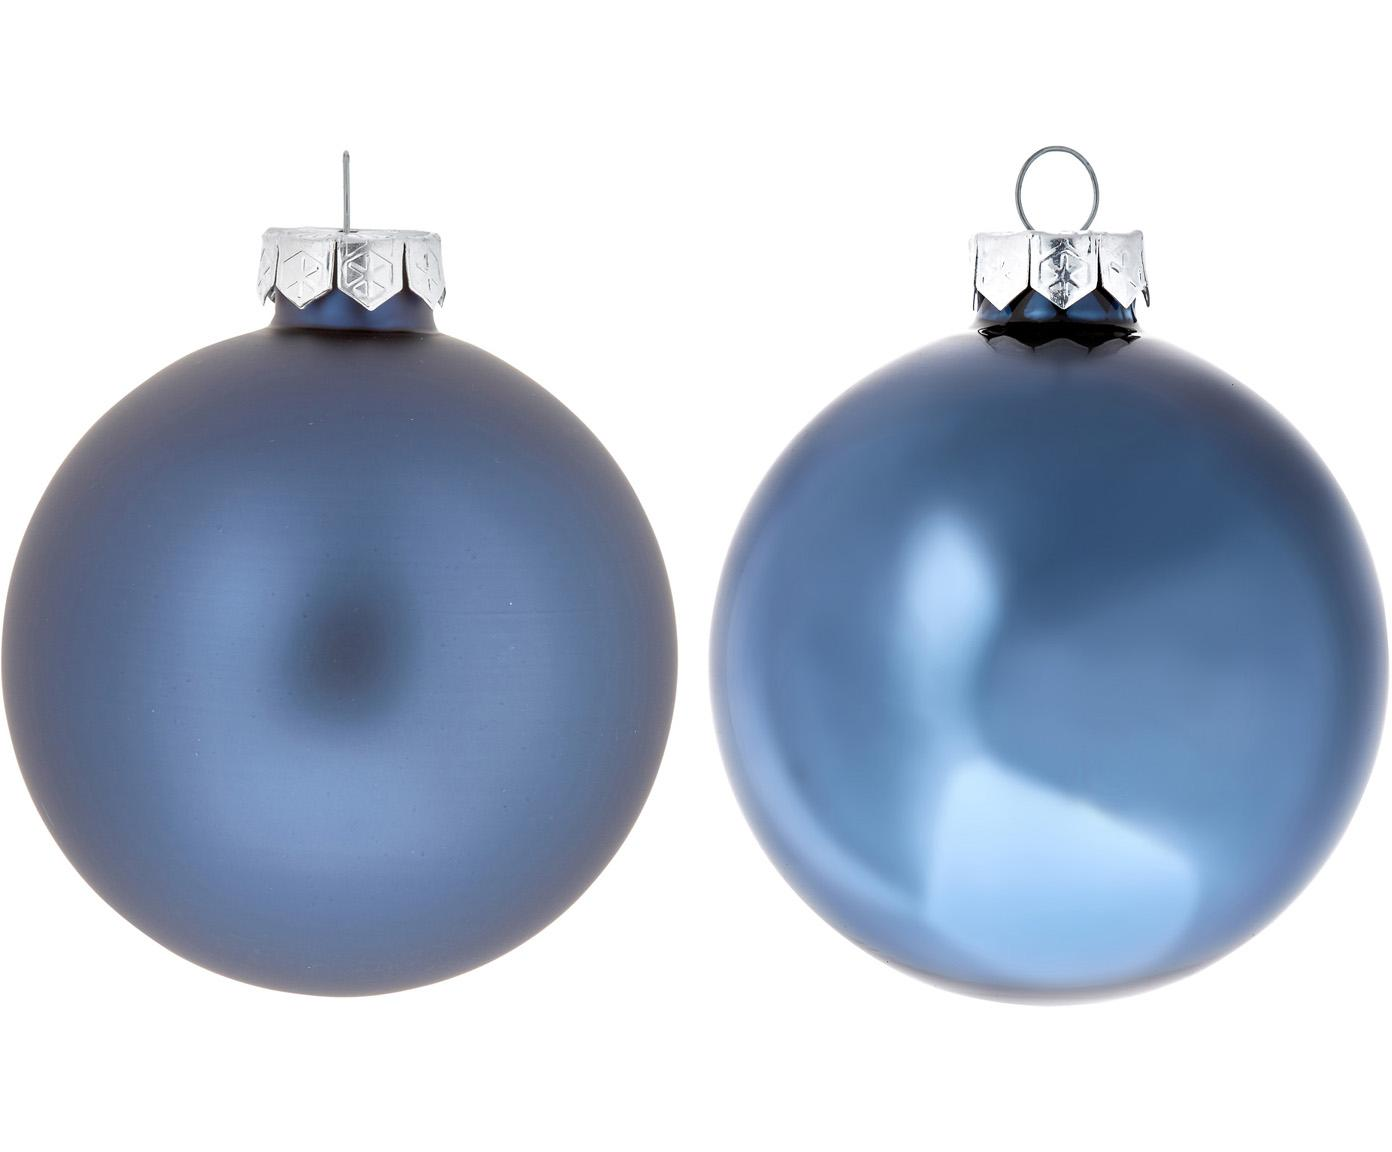 Kerstballenset Evergreen Ø8cm, 6-delig, Donkerblauw, Ø 8 cm